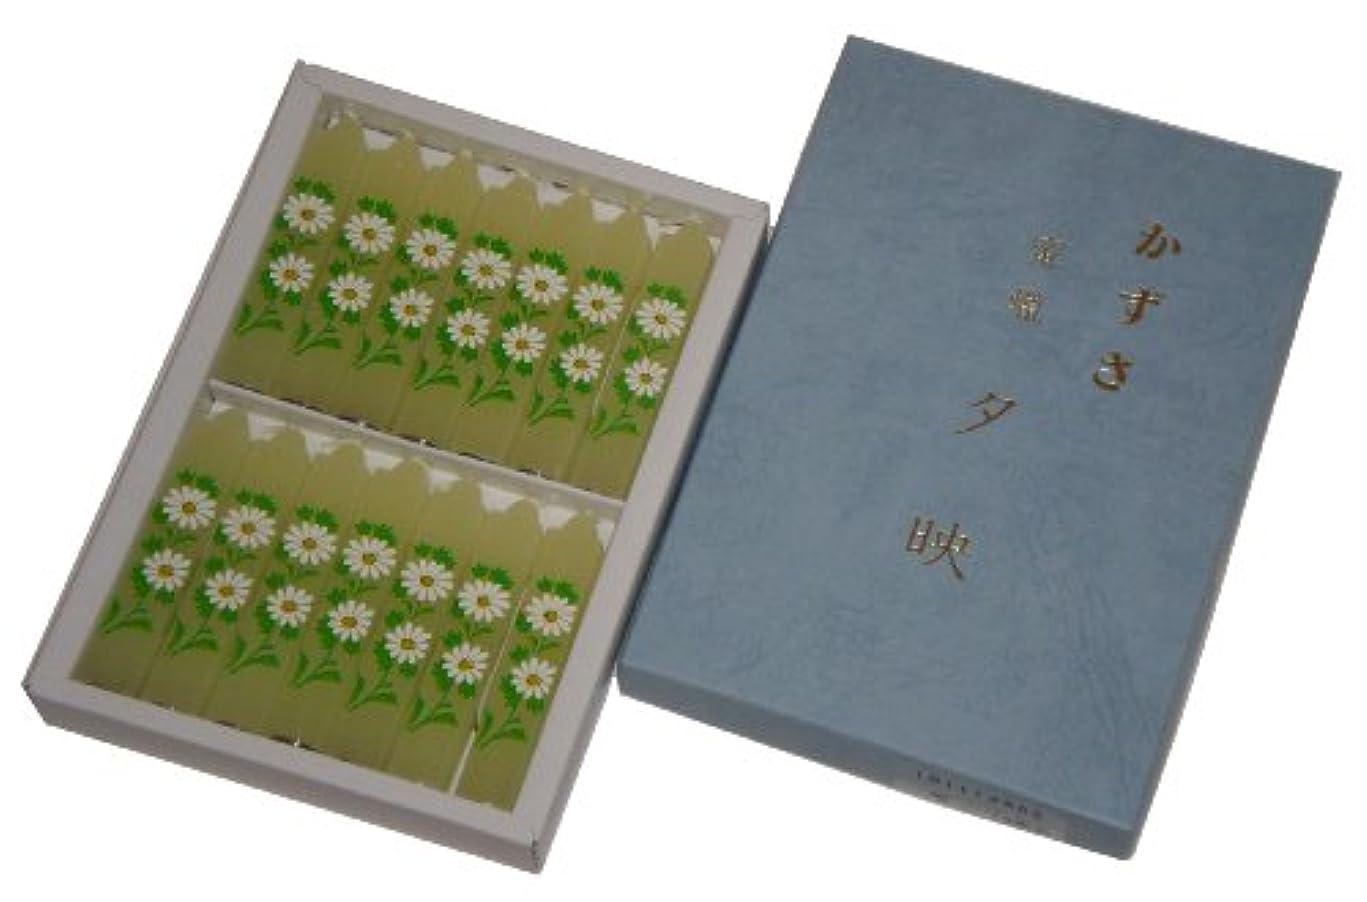 到着運ぶ鳥居のローソク 蜜蝋小夕映 菊 14本入 金具付 #100965